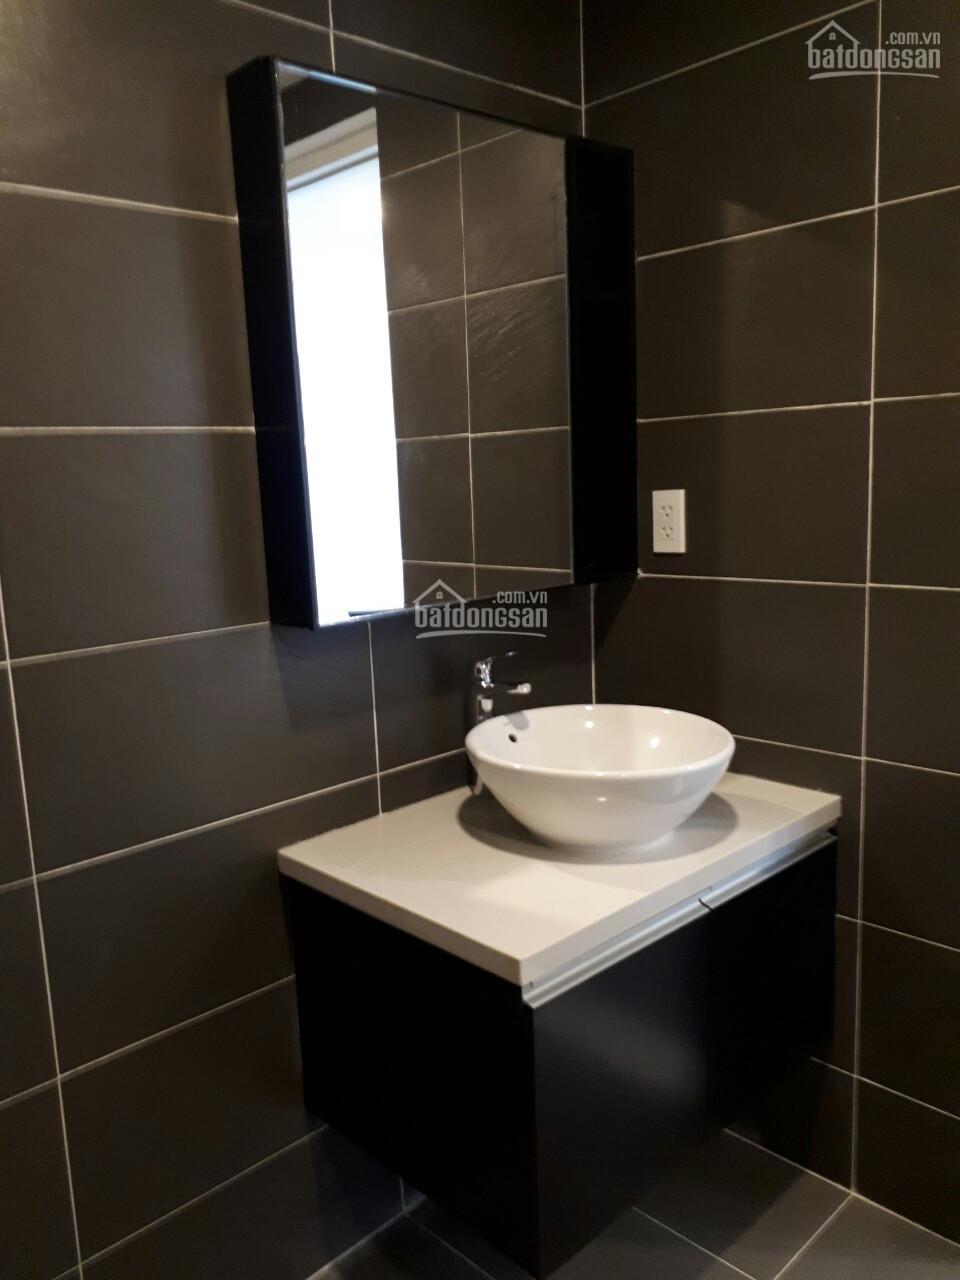 Cho thuê căn hộ 2PN dự án The Botanica giá cực rẻ, đầy đủ nội thất dính tường